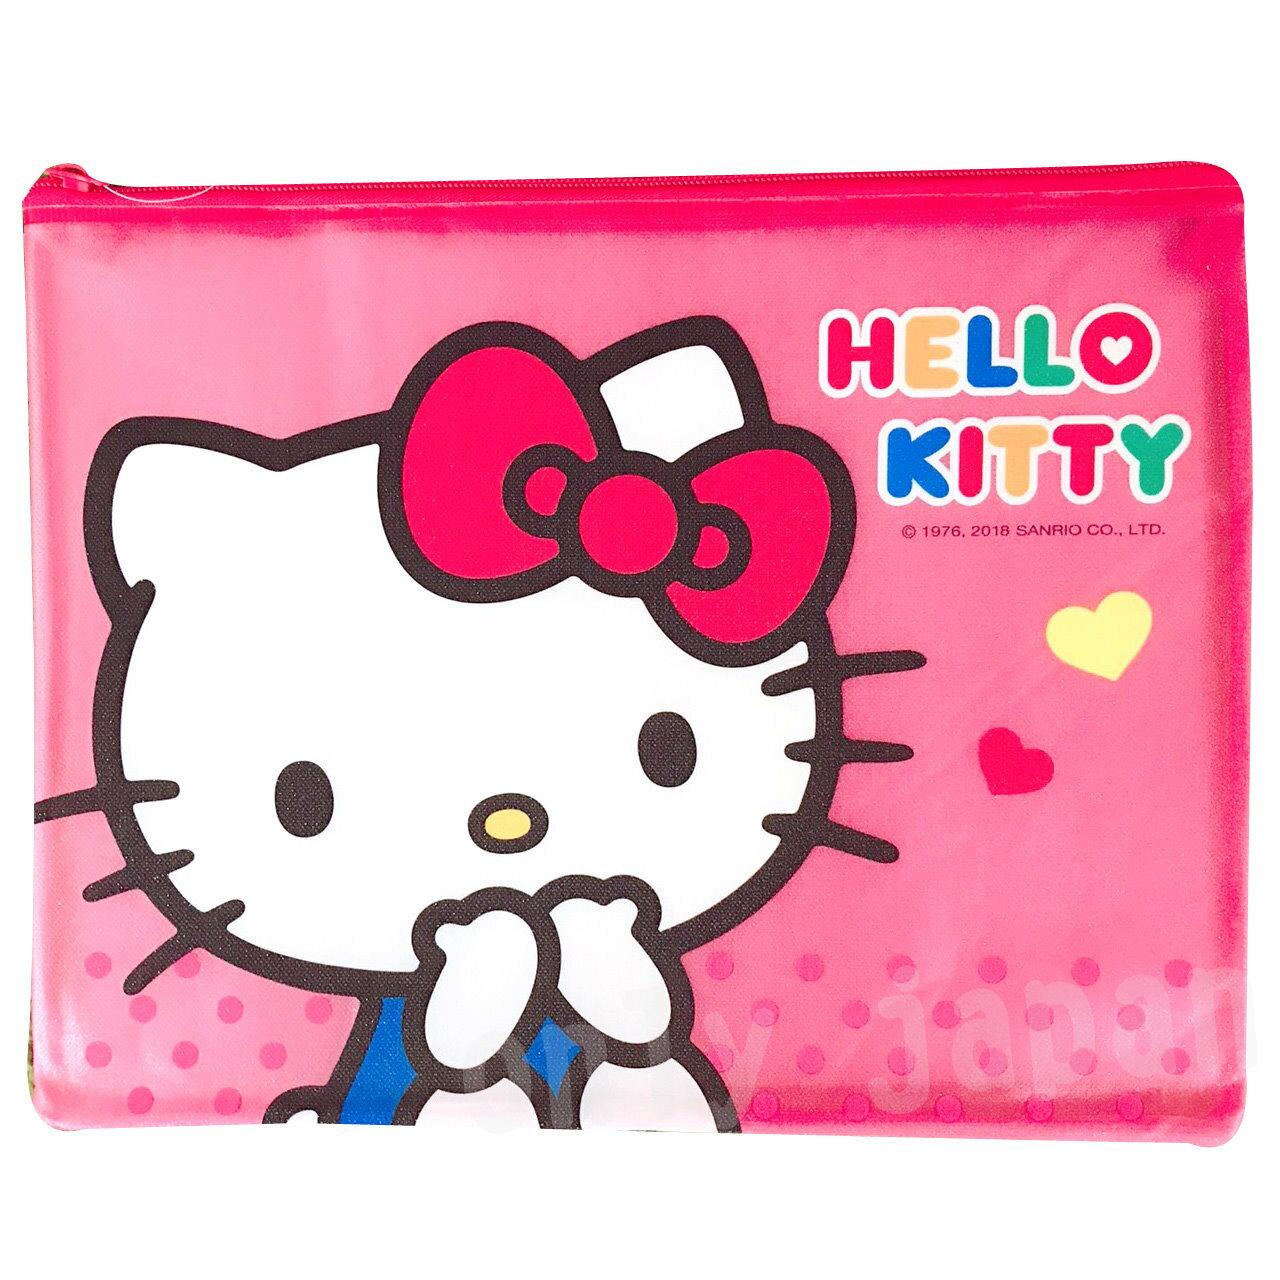 【真愛日本】18051000013 磨砂網格袋L-KT閃亮紅 凱蒂貓 kitty 拉鏈袋 收納袋 文件袋 網格袋